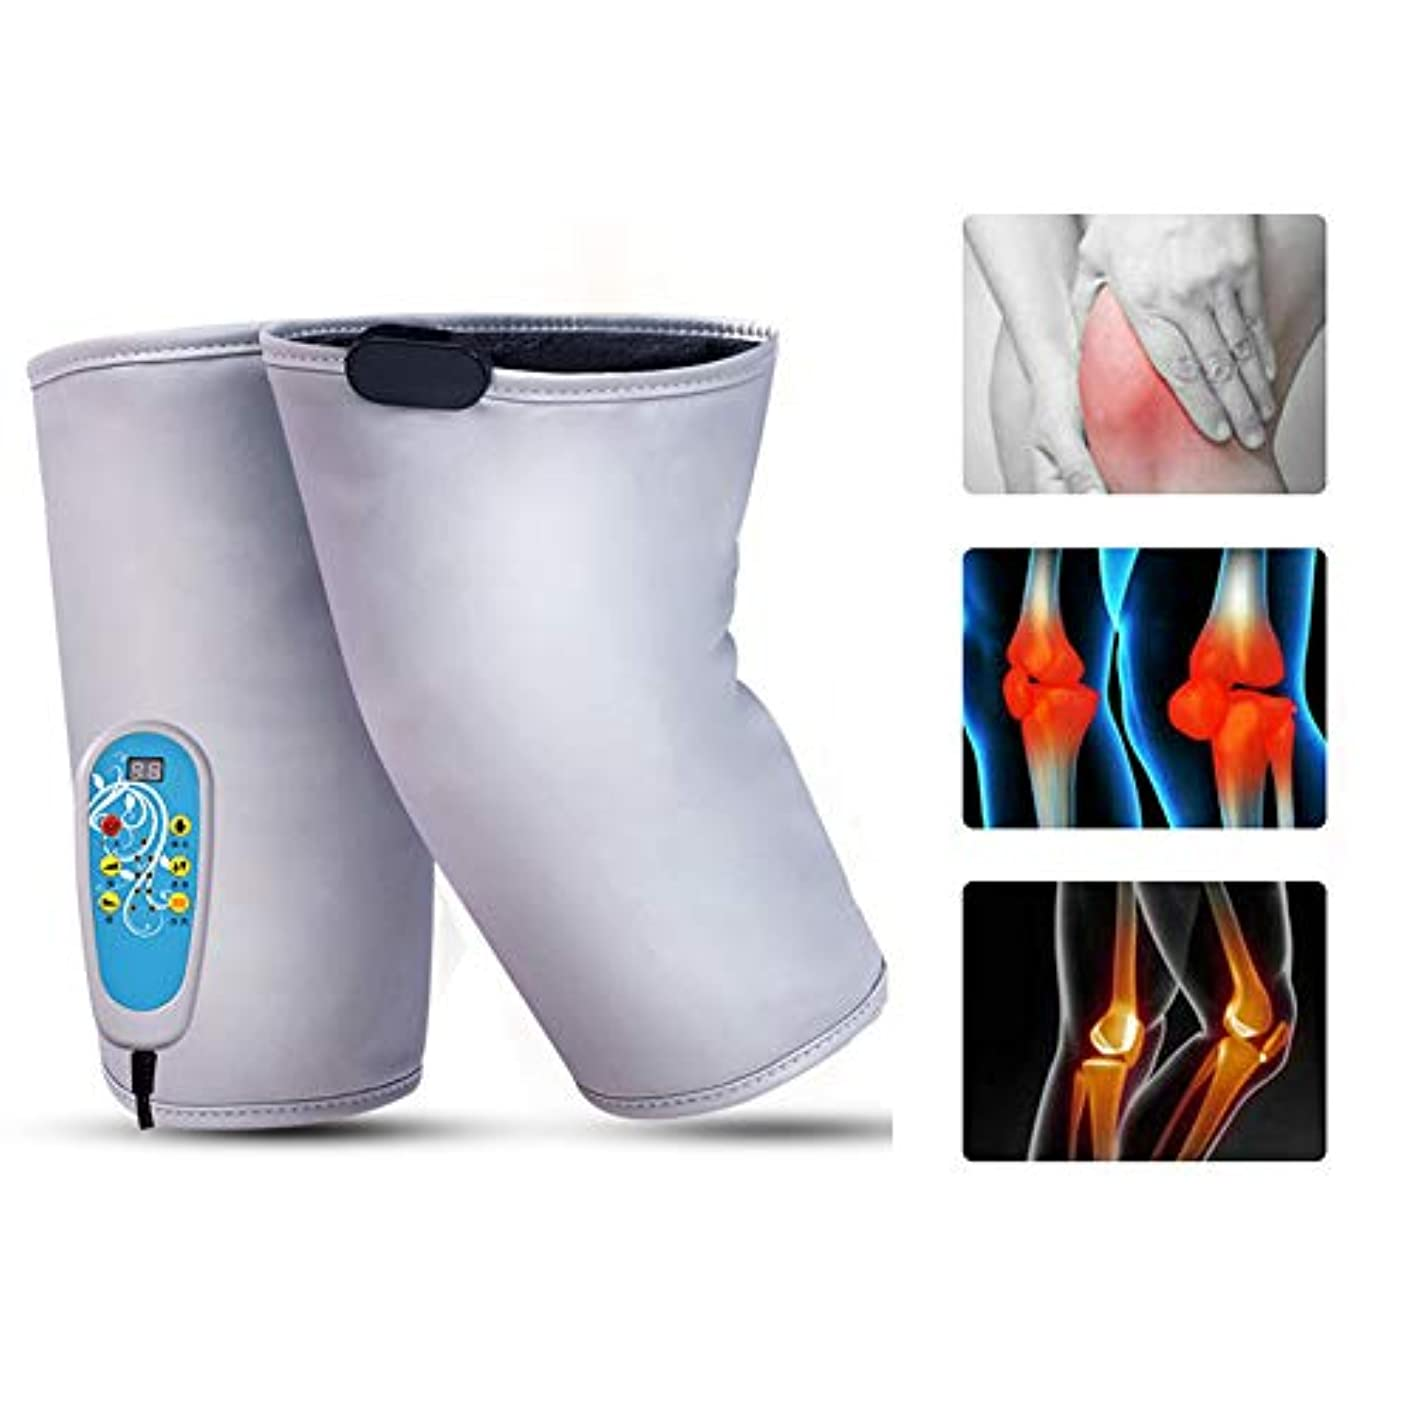 安全仲人資本主義暖房膝装具サポート1対加熱膝パッドウォームラップ - 膝のけが、痛みを軽減するための9マッサージモードのセラピーマッサージャー